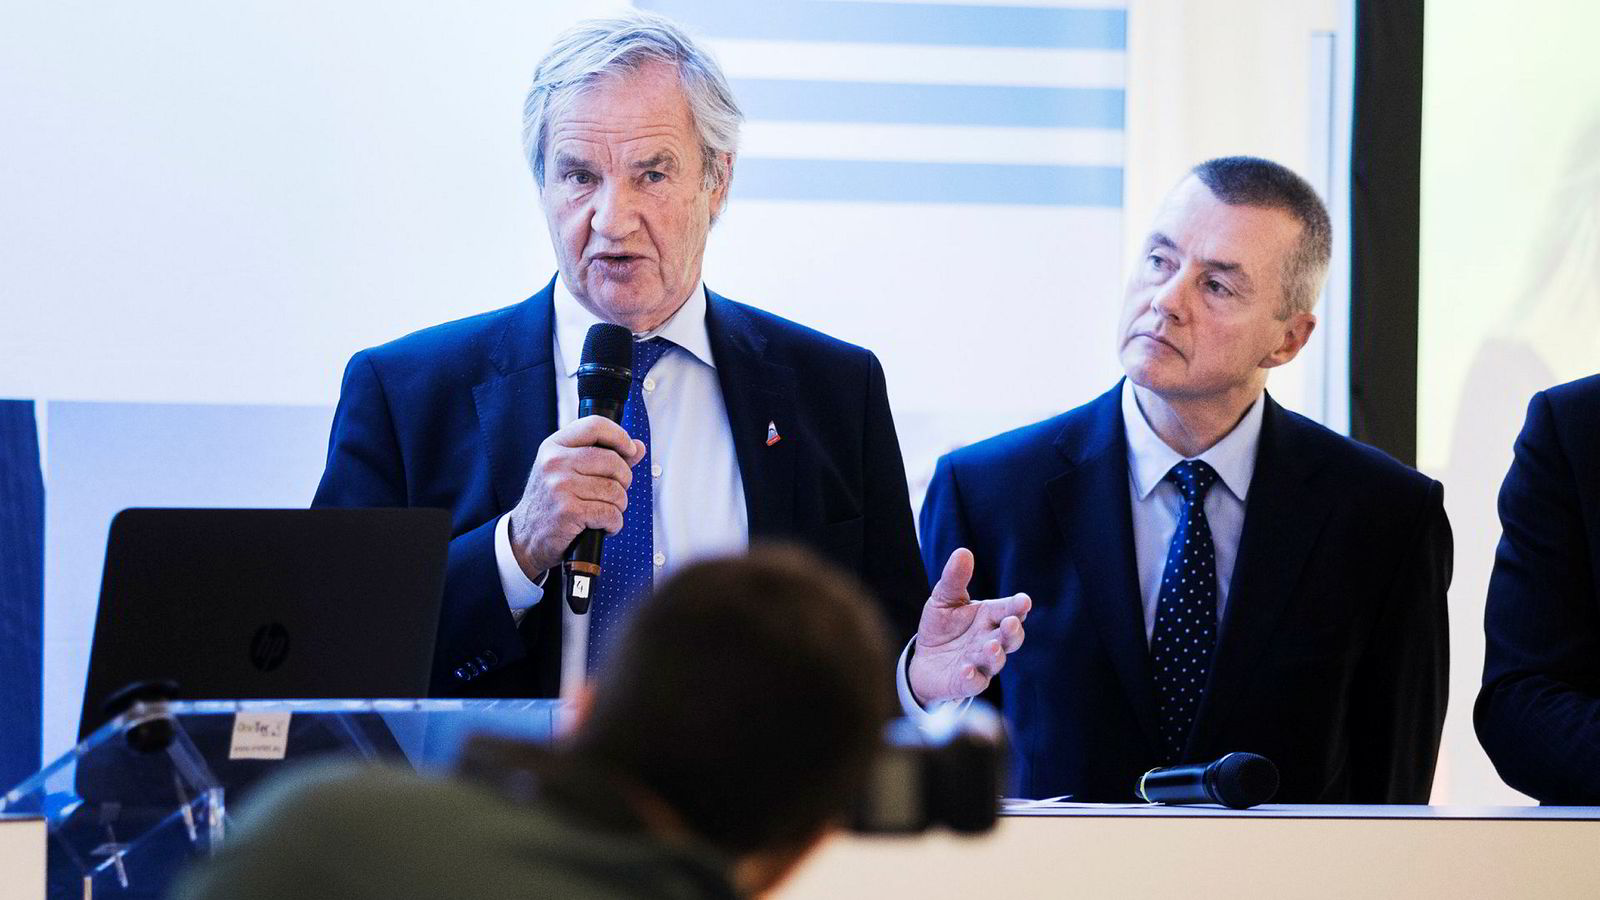 IAG-sjef Willie Walsh (til høyre) står blant annet bak British Airways og har forsøkt å legge inn bud på Norwegian, men er avvist. Her med Norwegian-sjef Bjørn Kjos under et luftfartsmøte i mars i fjor.